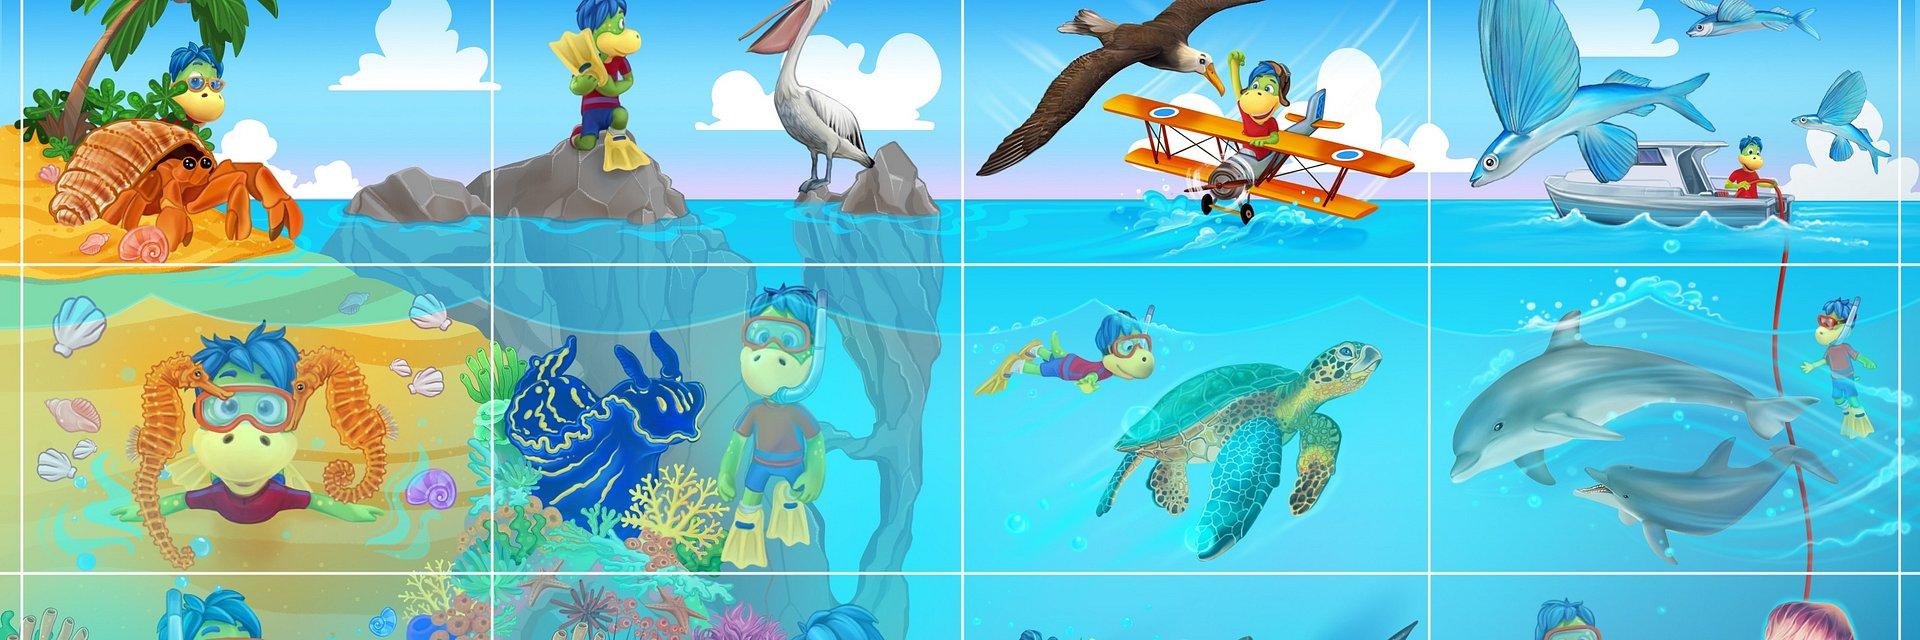 Nowy Rok dla Twojego dziecka – Odkrywaj morski świat z Danonkiem! Specjalna edycja magnesów z aplikacją Shazam.